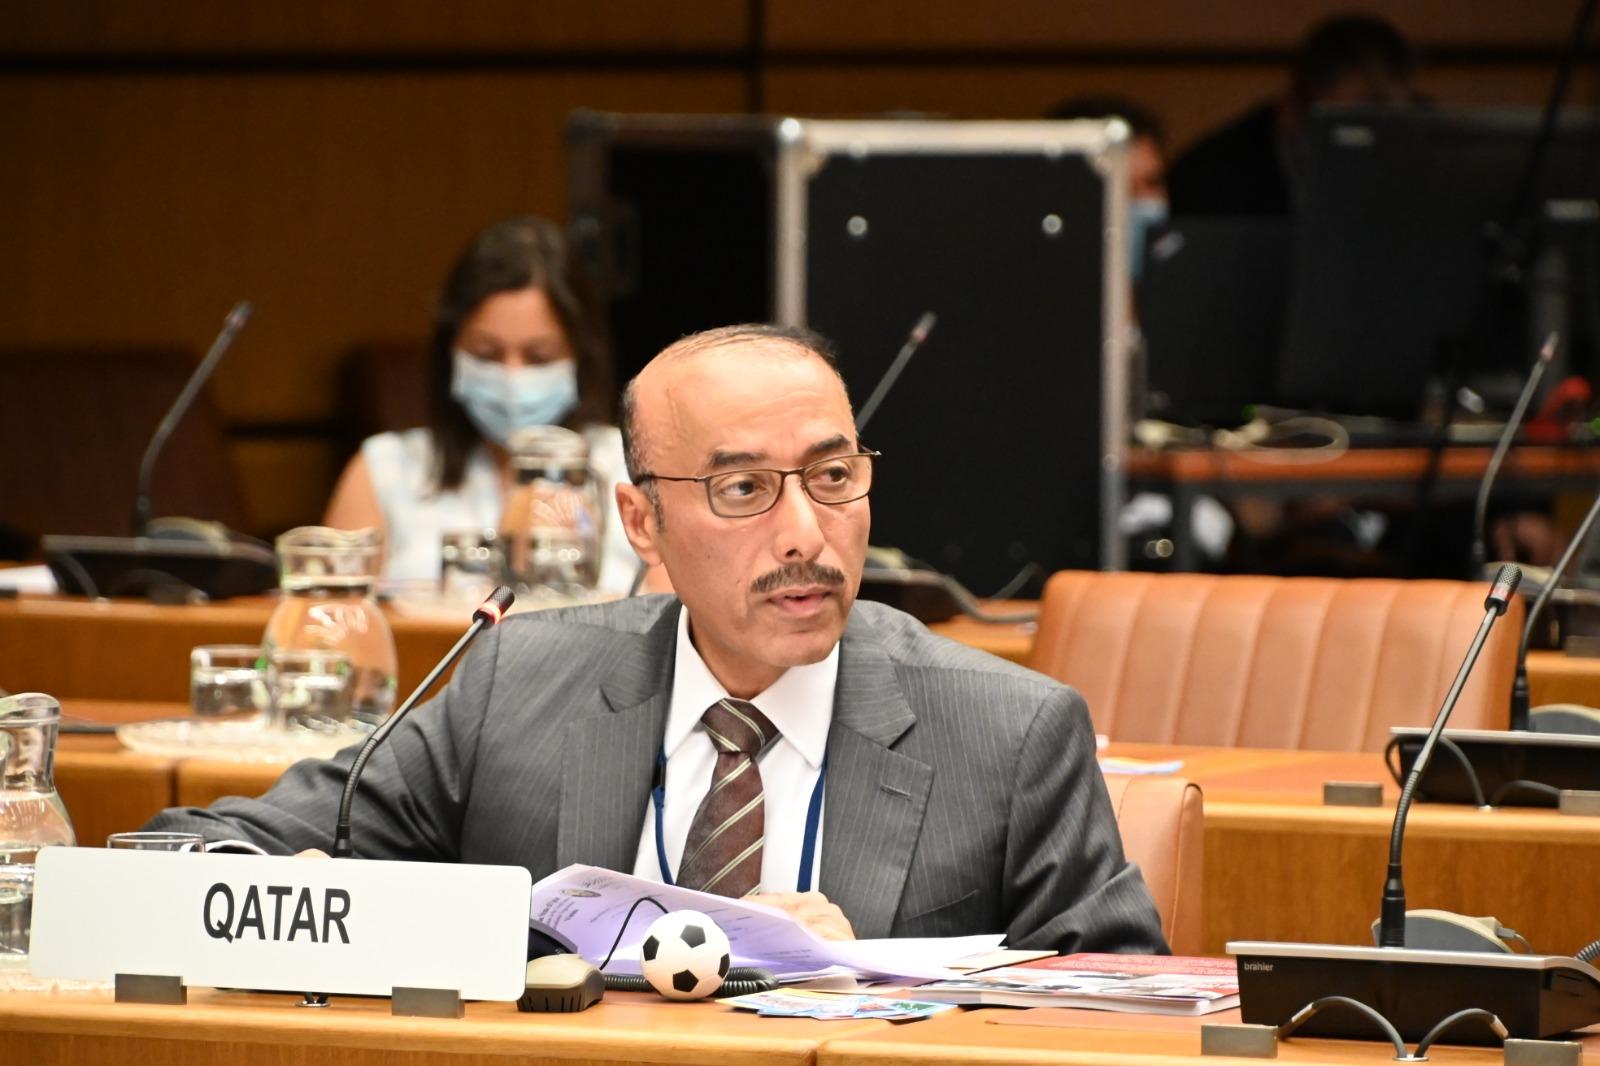 دولة قطر تؤكد على أهمية دور الرياضة في تحصين الشباب ضد الجريمة والمخدرات وتحقيق التنمية والسلام